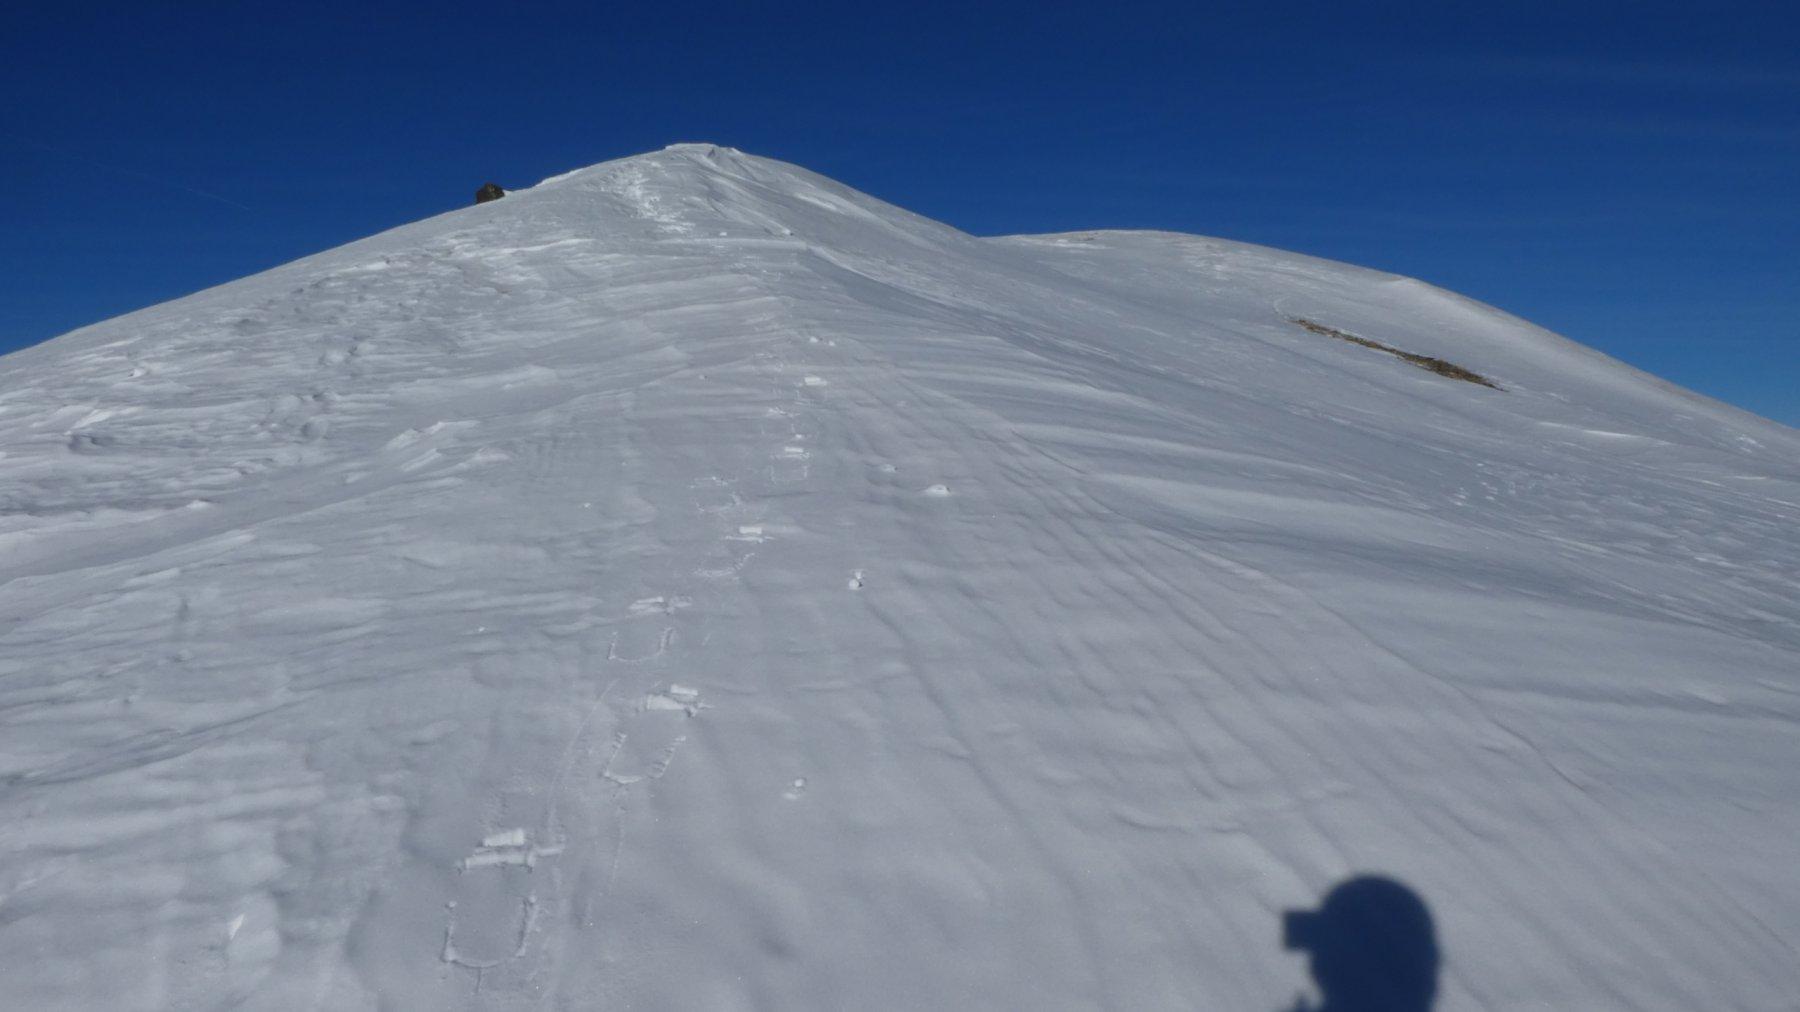 il facile crestone finale che porta in vetta al Monte Faraut